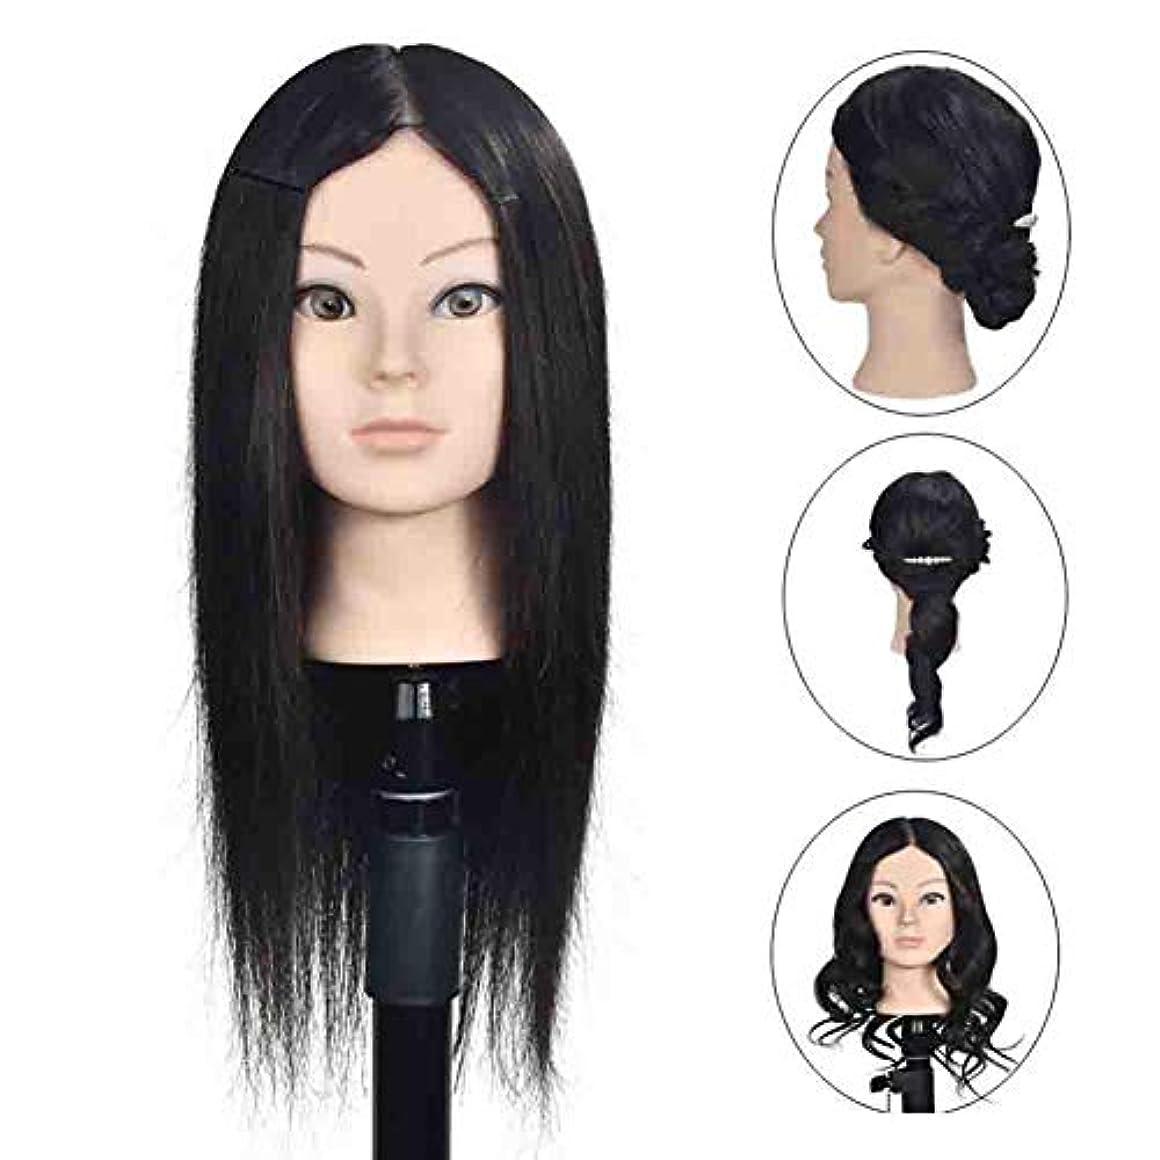 七時半電報技術的なリアルヘアスタイリングマネキンヘッド女性ヘッドモデル教育ヘッド理髪店編組ヘア染色学習ダミーヘッド